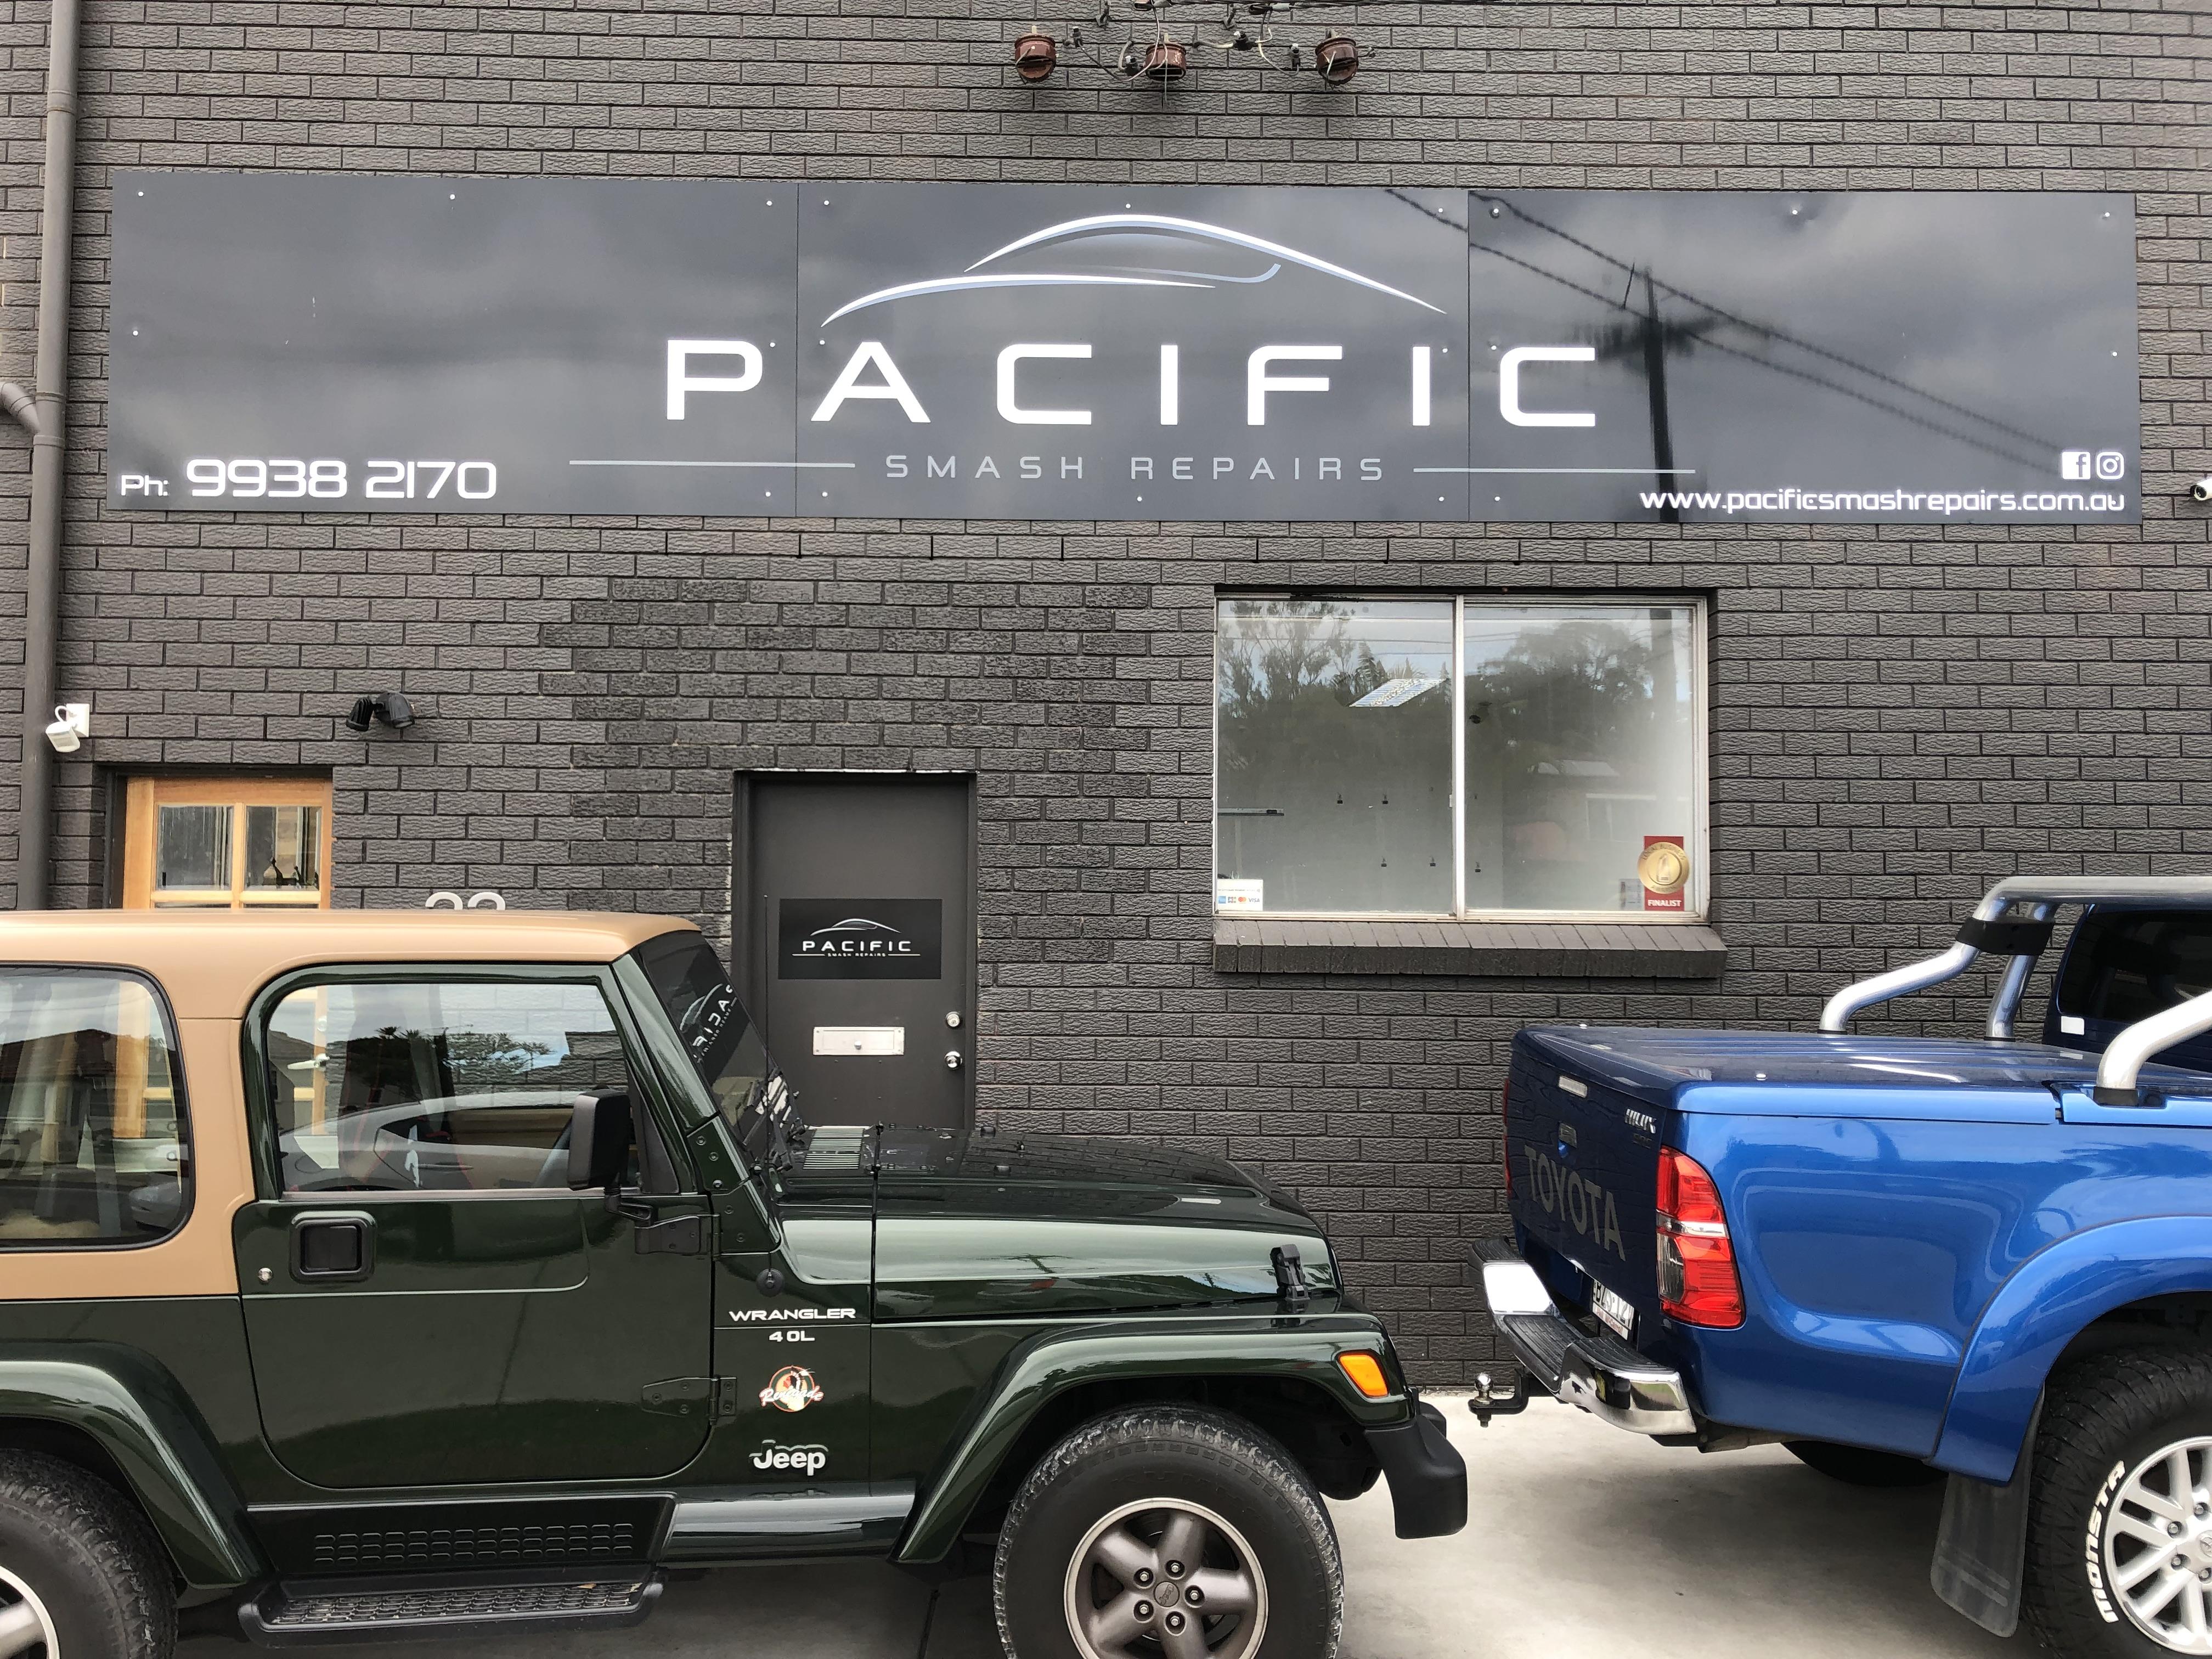 Pacific Smash Repairs Photos